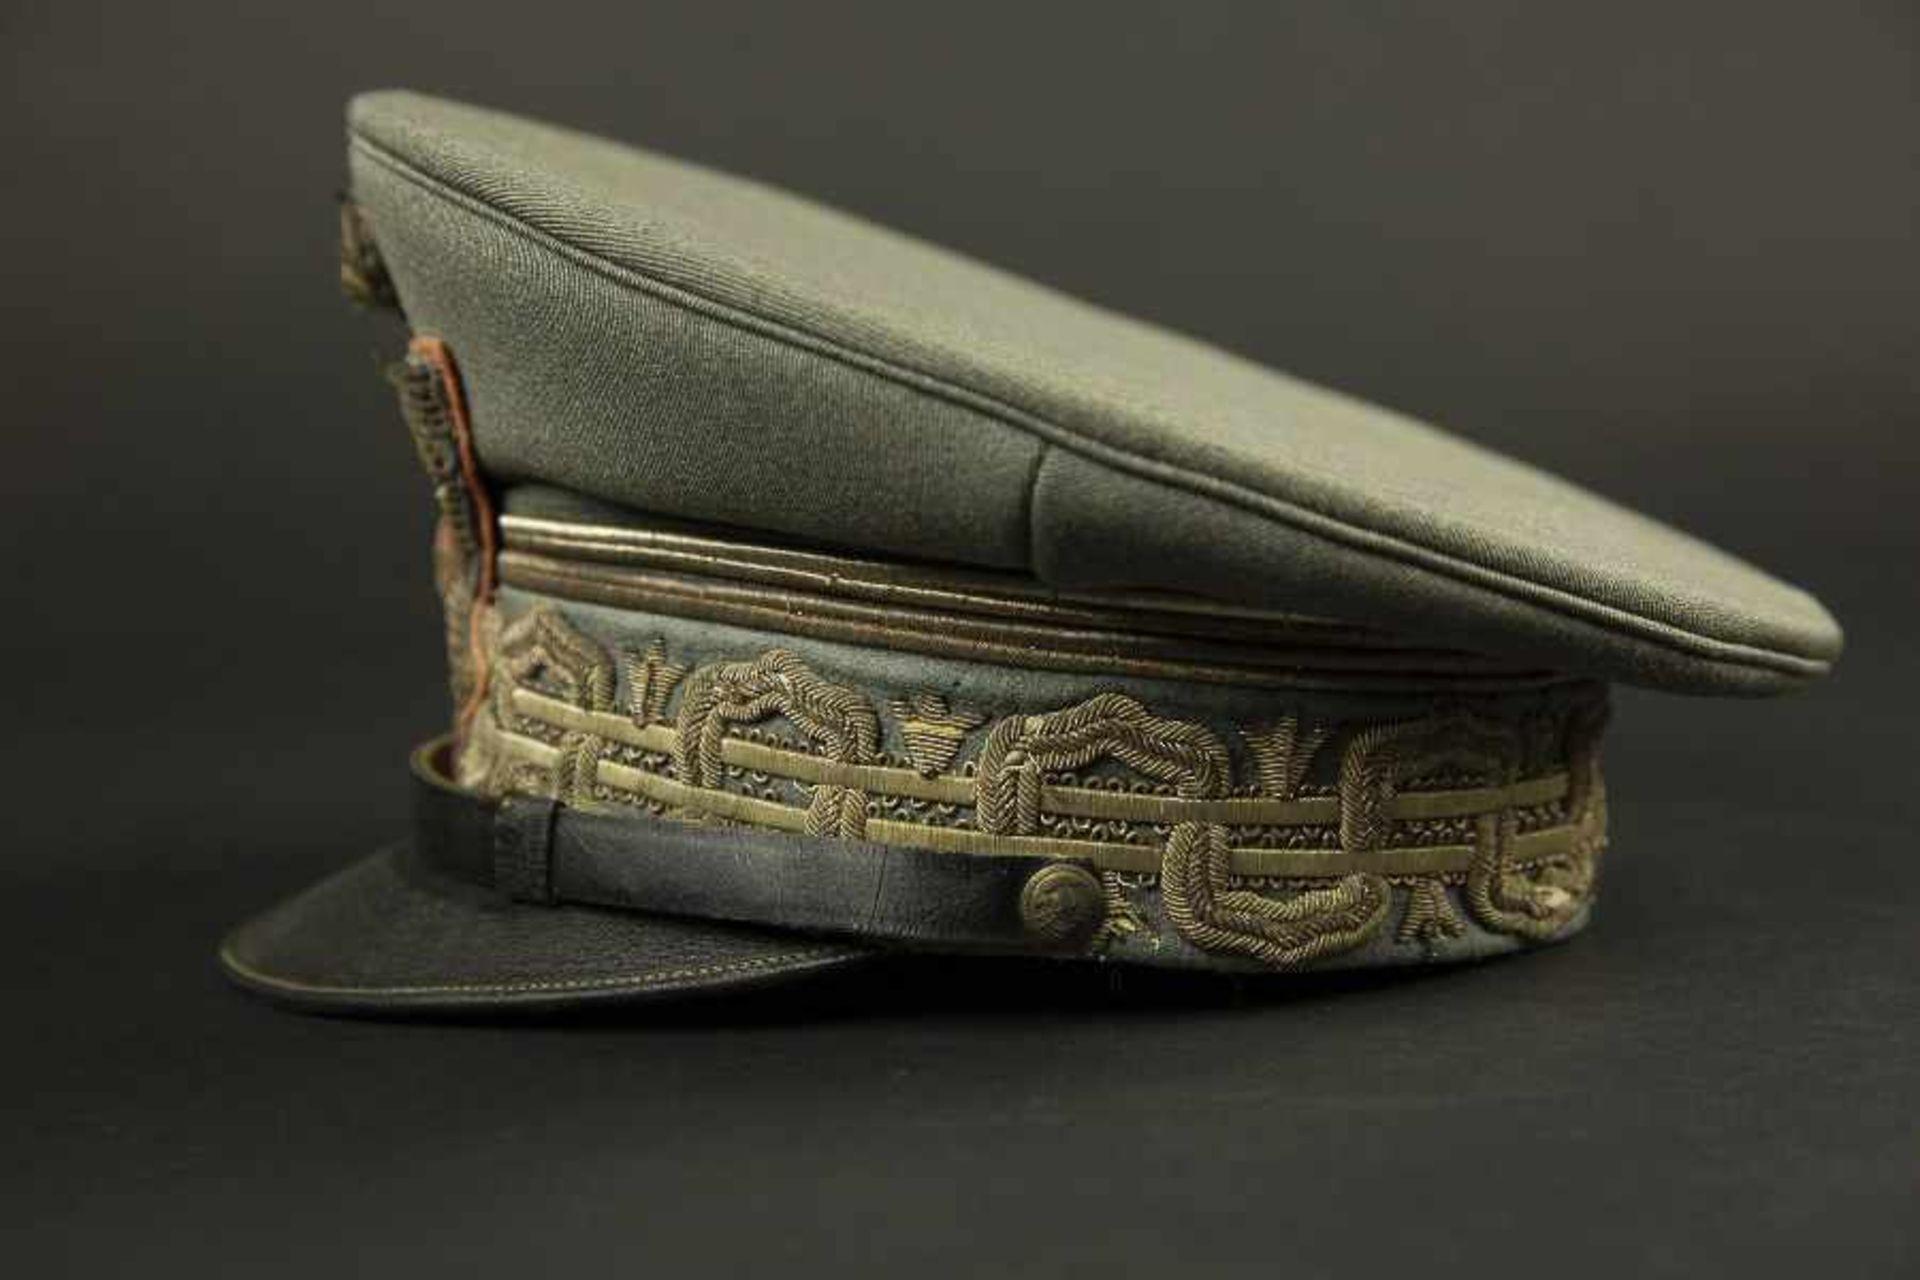 Casquette de général de division italien en tenue de serviceEn drap grigio verde, comportant les - Bild 2 aus 4